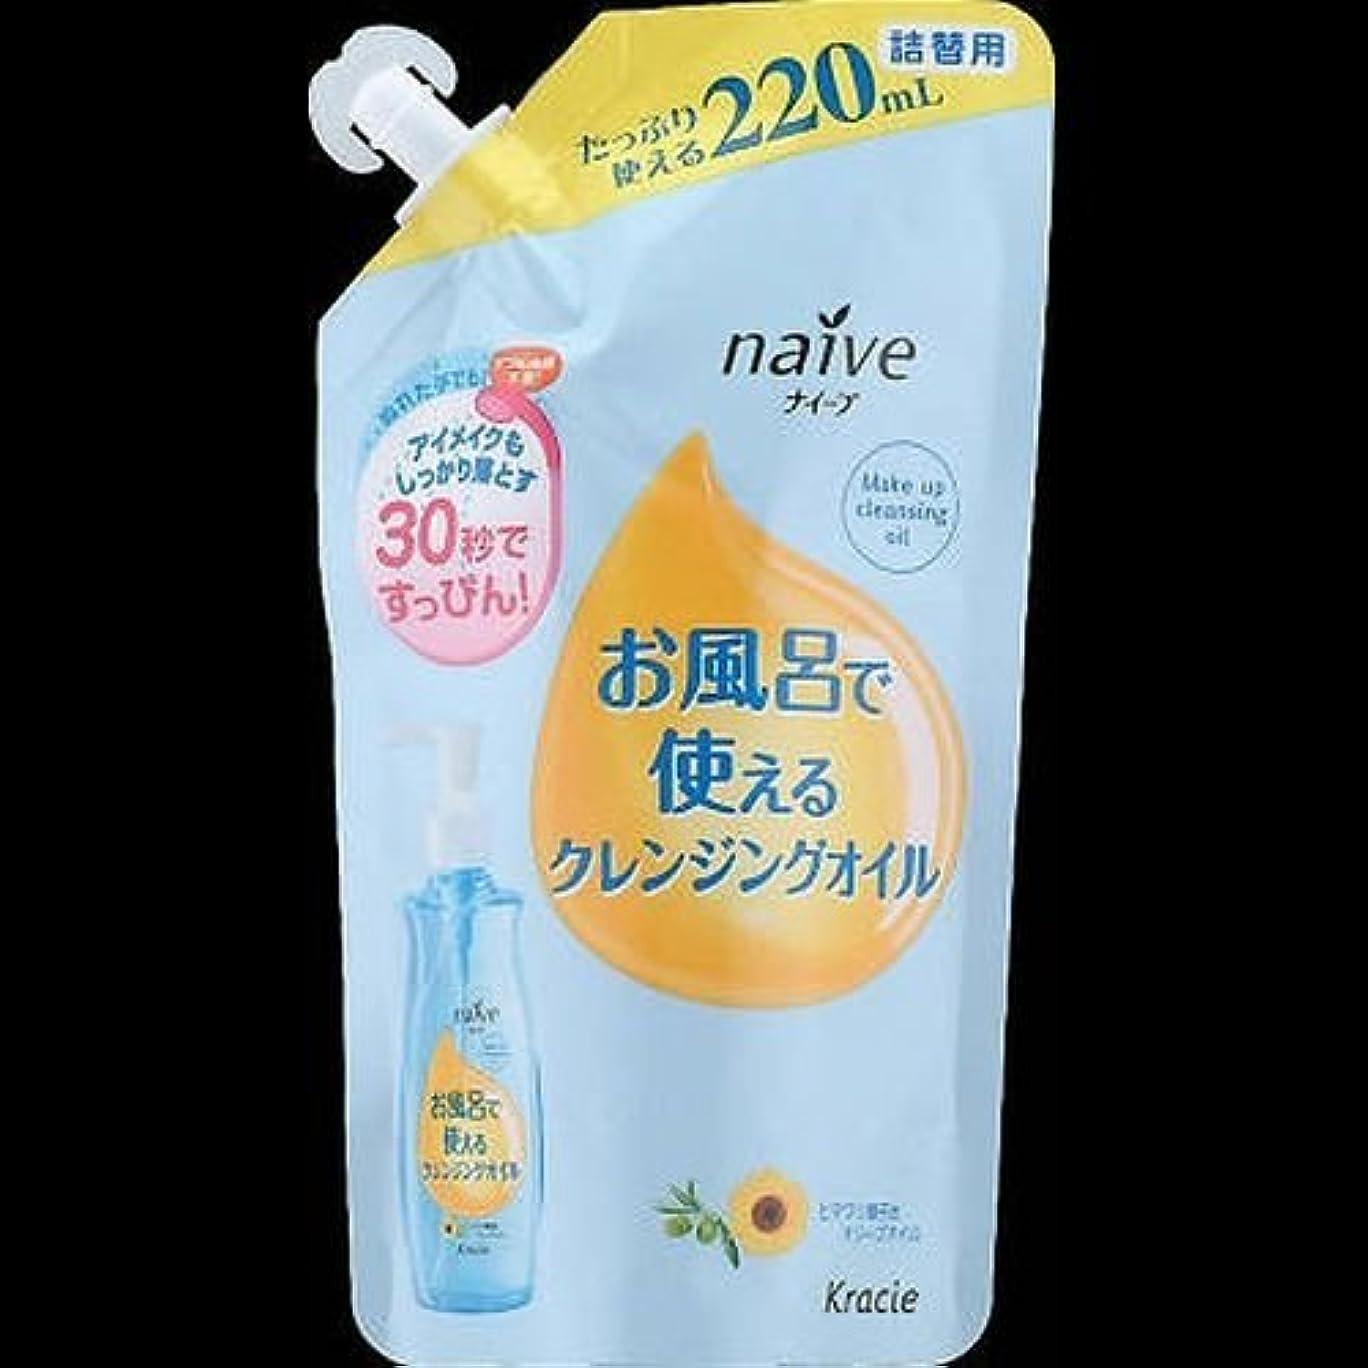 対処スペースマチュピチュ【まとめ買い】ナイーブ お風呂で使えるクレンジングオイル 詰替 ×2セット